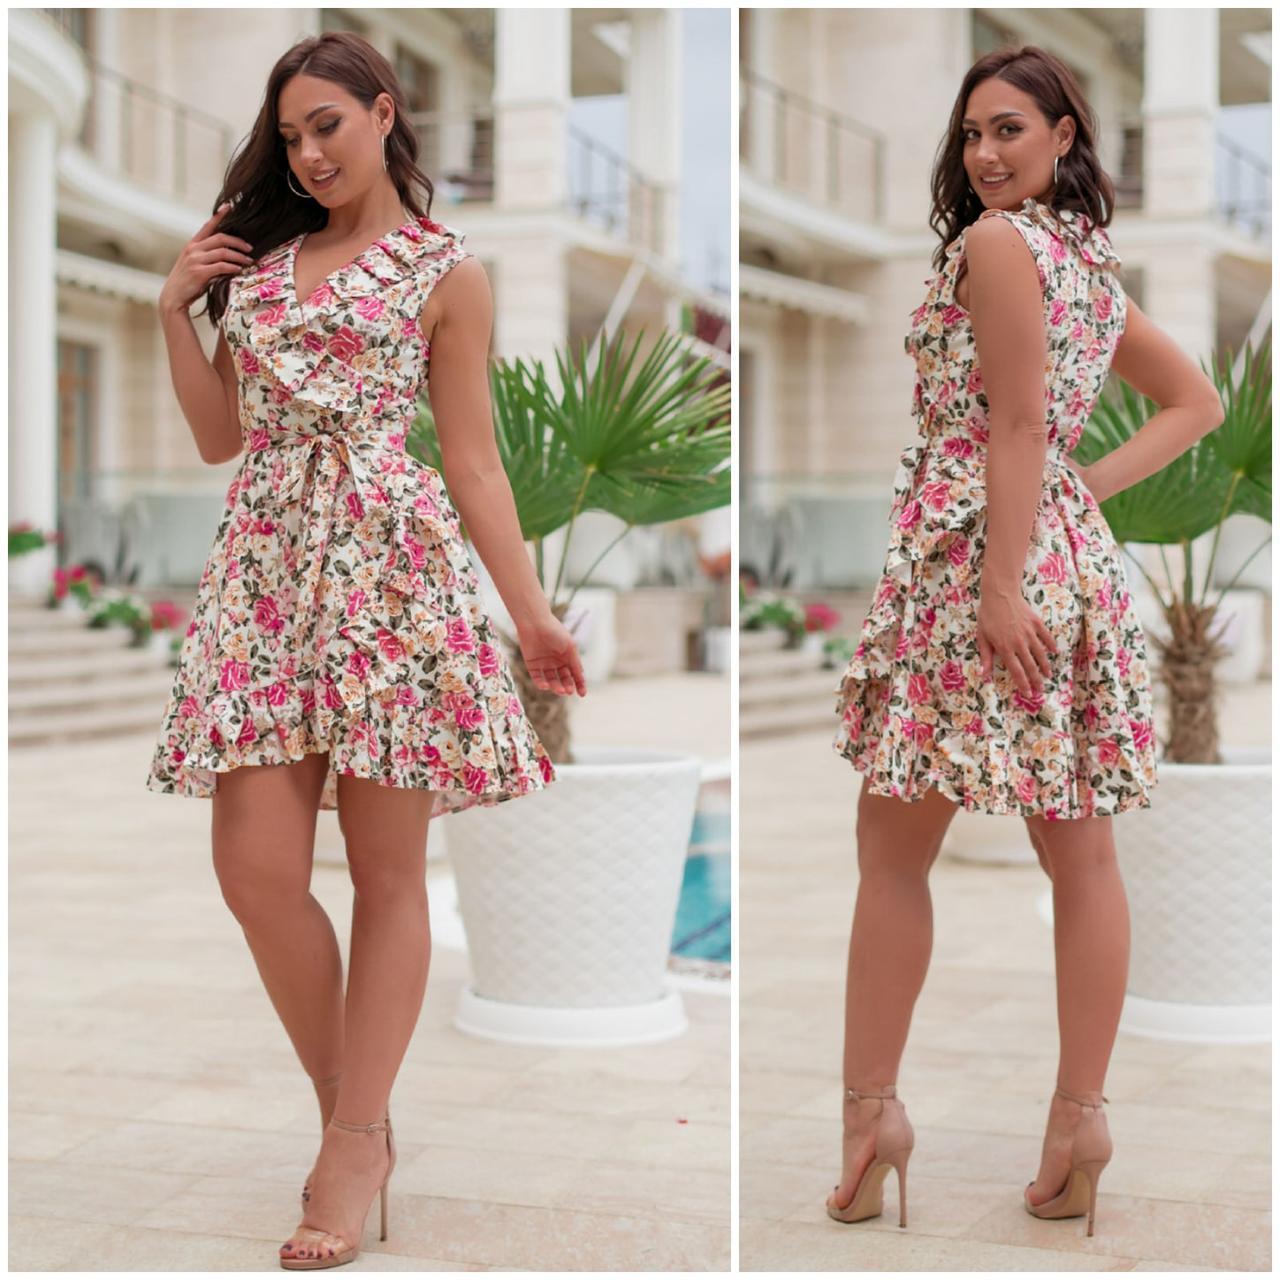 Плаття-сарафан літній міні на запах з натуральної тканини коттон, 2 кольори р. 48-50,52-54 код 332V